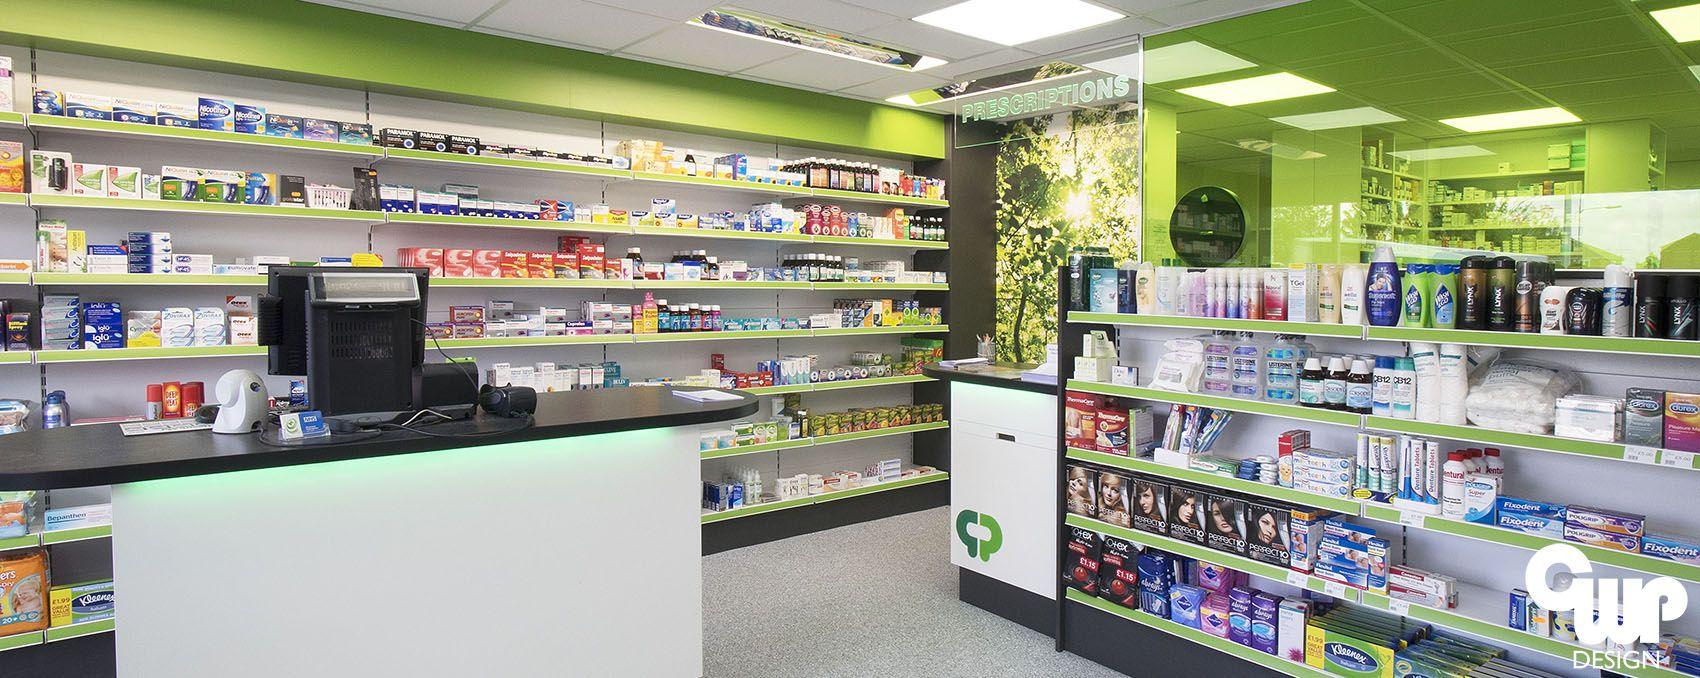 About CWP Pharmacy Design Pharmacy design, Pharmacy, Design